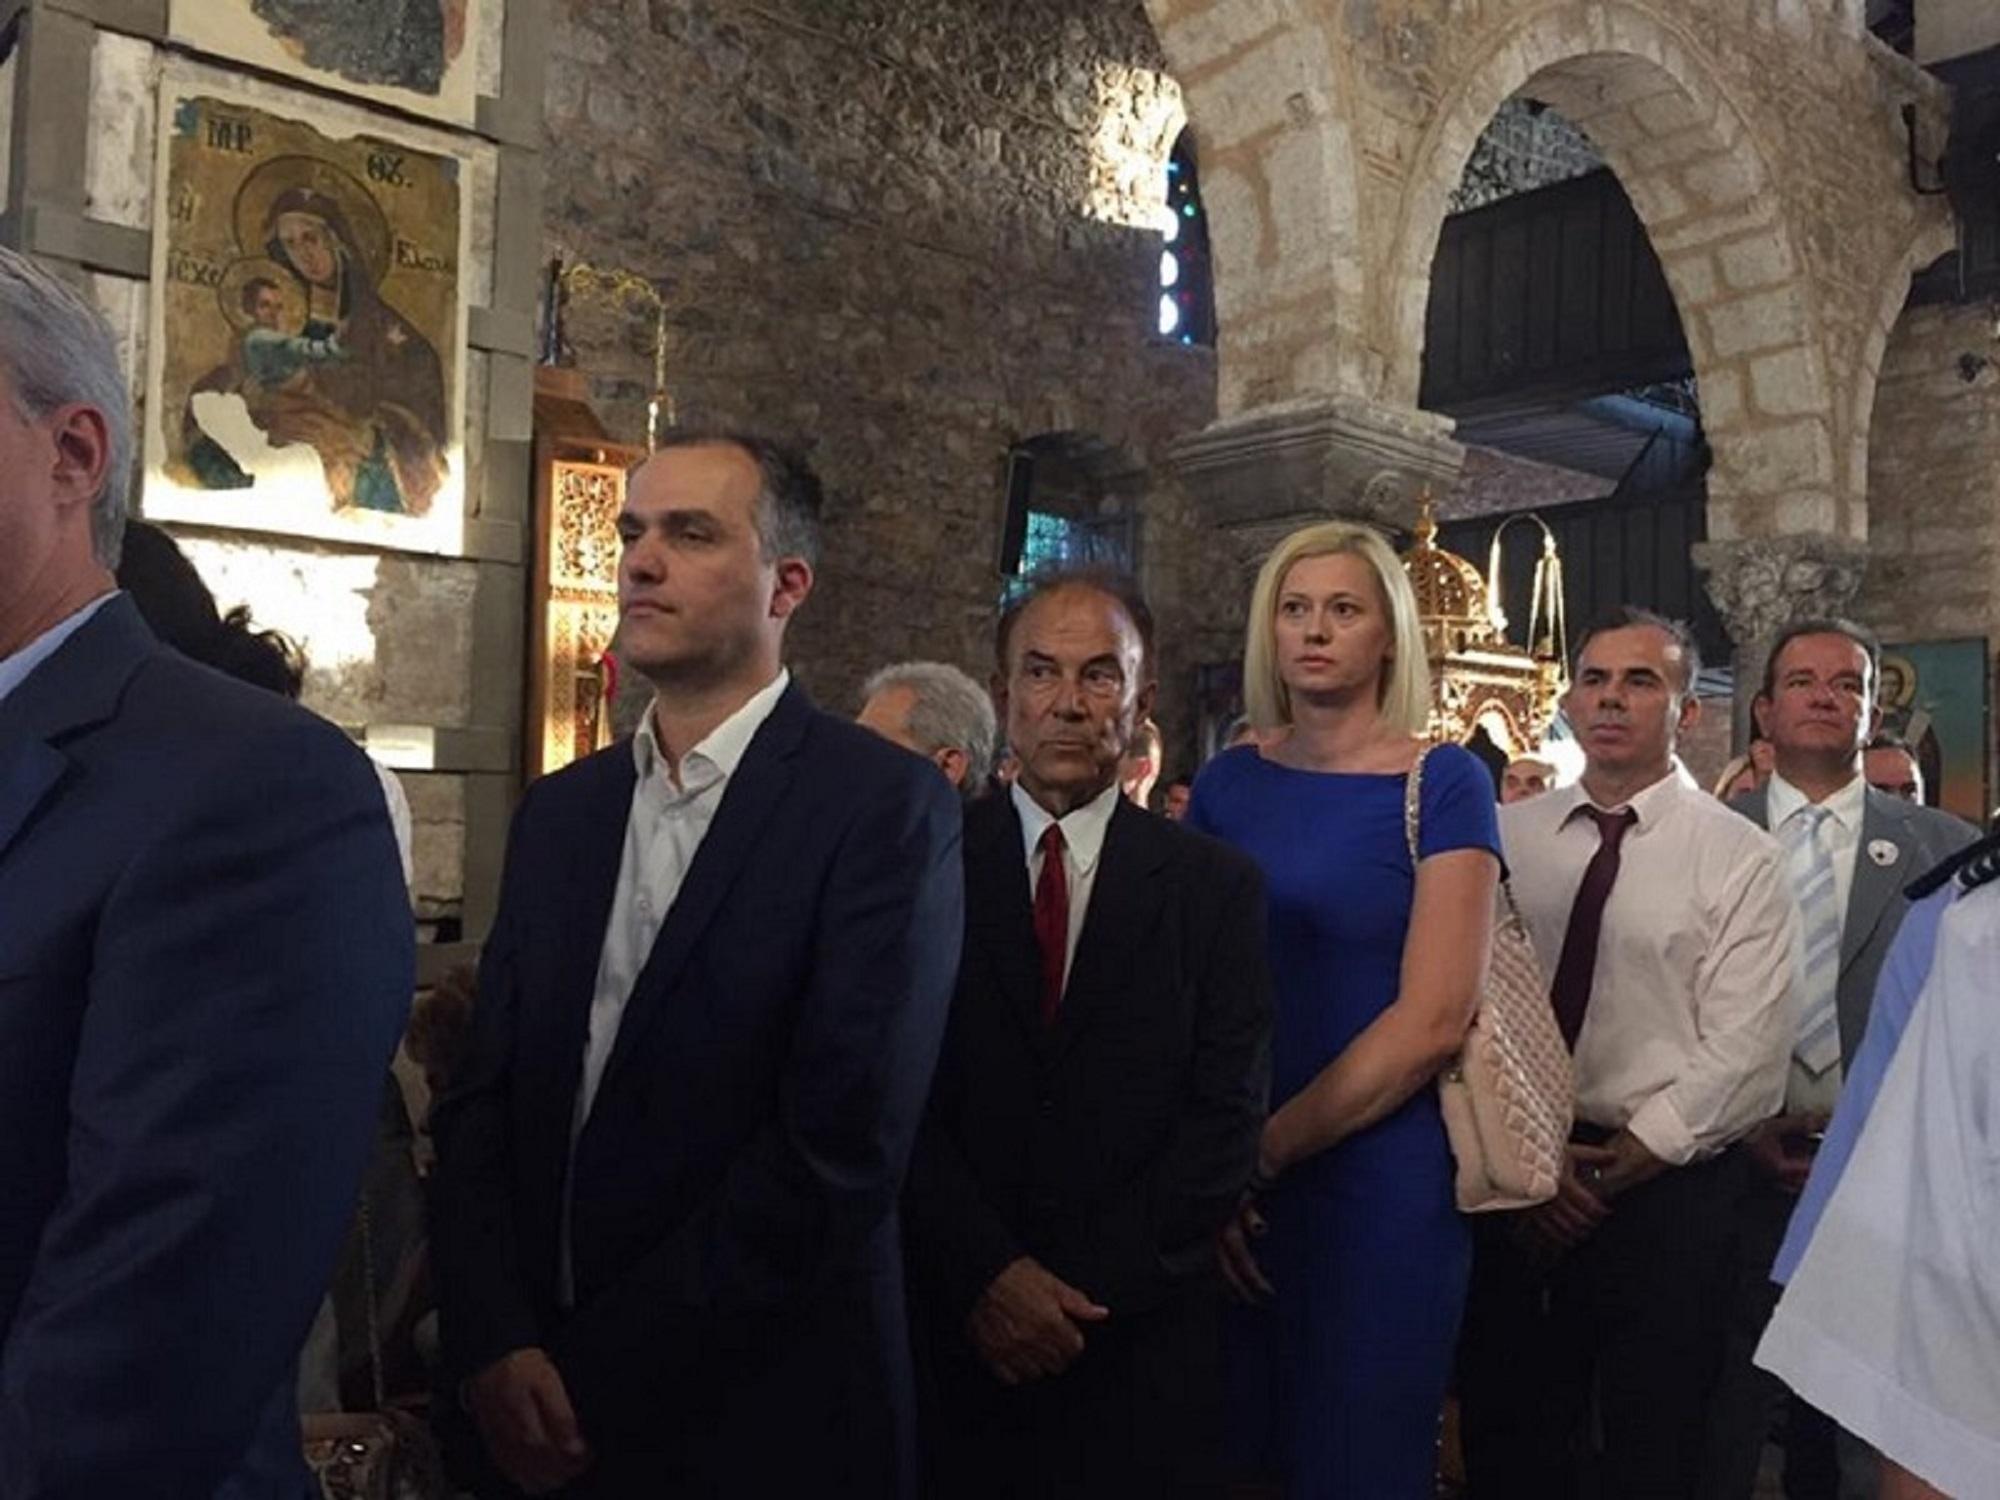 Η Ραχήλ Μακρή στον εορτασμό της Αγίας Παρασκευής, στην Χαλκίδα | 25.07.2017